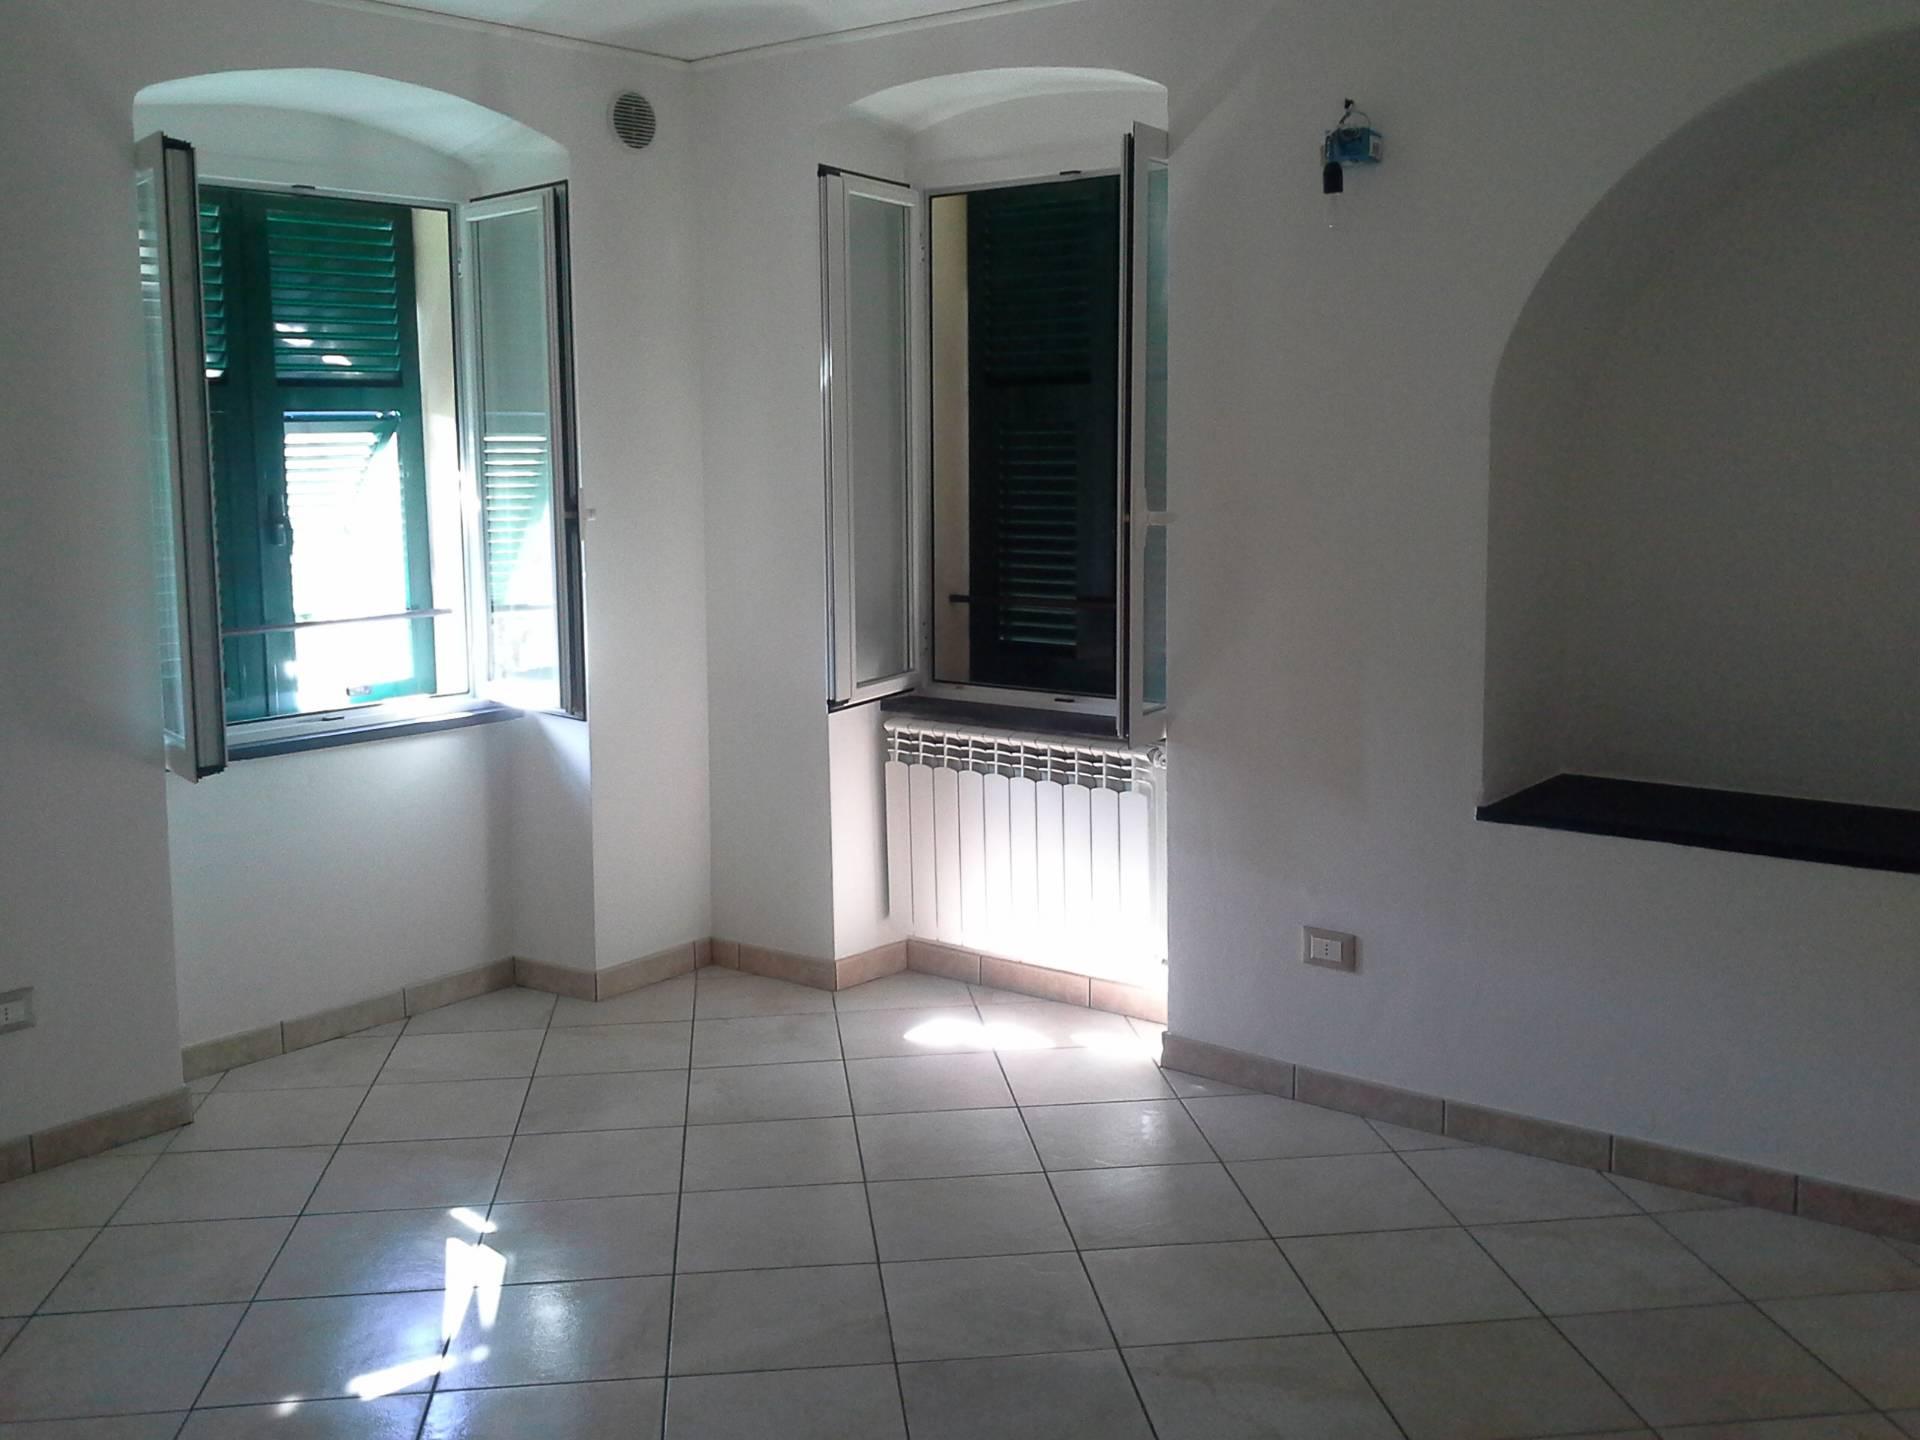 Appartamento in vendita a San Bartolomeo al Mare, 2 locali, prezzo € 125.000 | CambioCasa.it